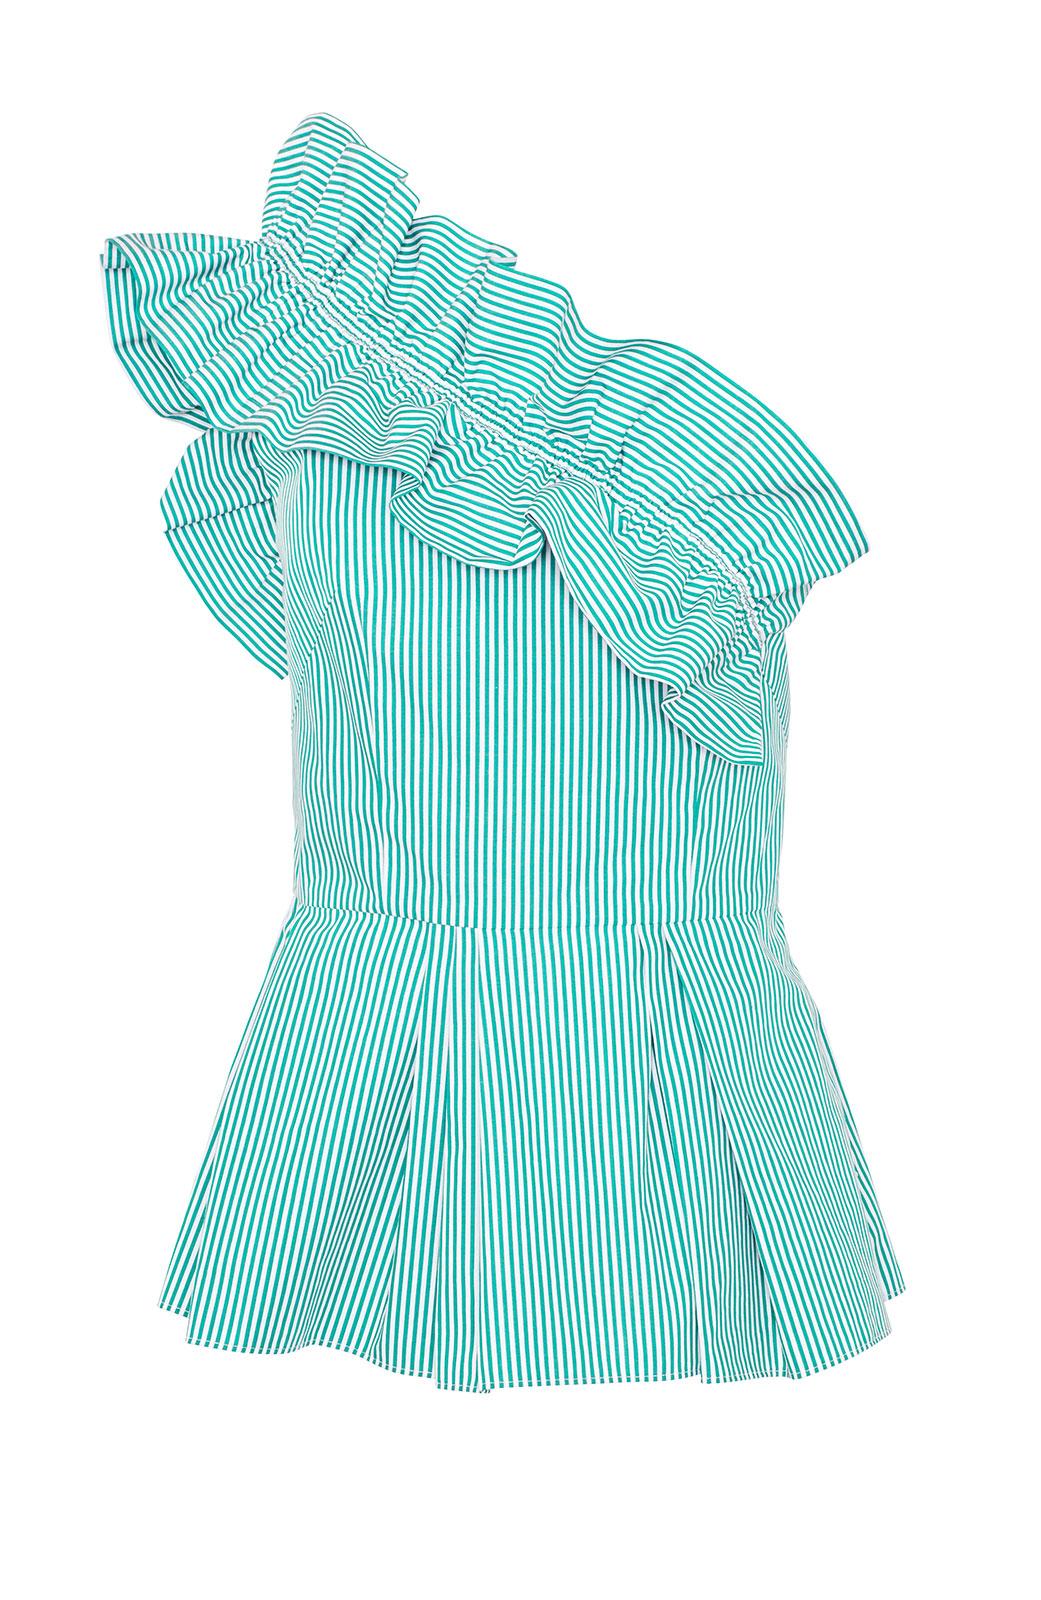 <ul><li>Striped cotton one shoulder top with ruffle detail</li><li>Fit and flare peplum shape</li><li>Concealed zipper at side</li><li>100% Cotton</li><li>Dry clean</li><li>Made in USA</li></ul>